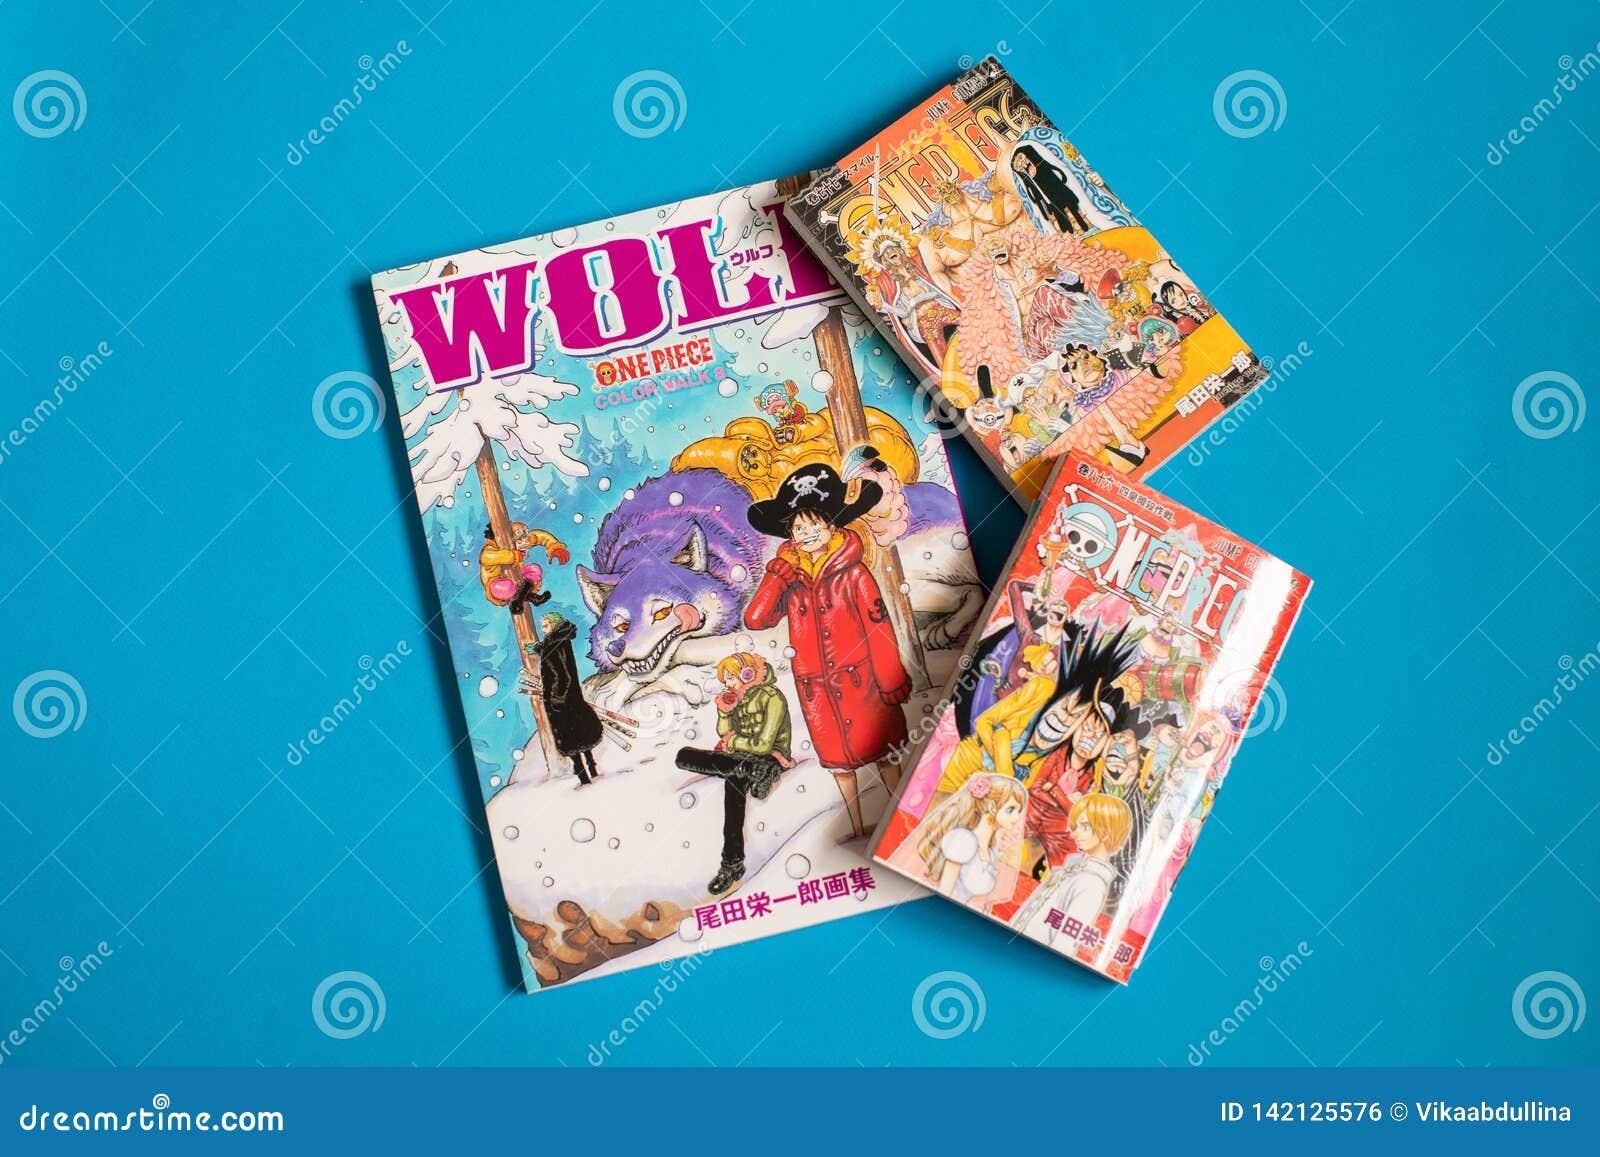 Japanisches Manga One-Stück - Comic-Buch veröffentlicht in der wöchentlichen Shonen-Sprungs-Zeitschrift